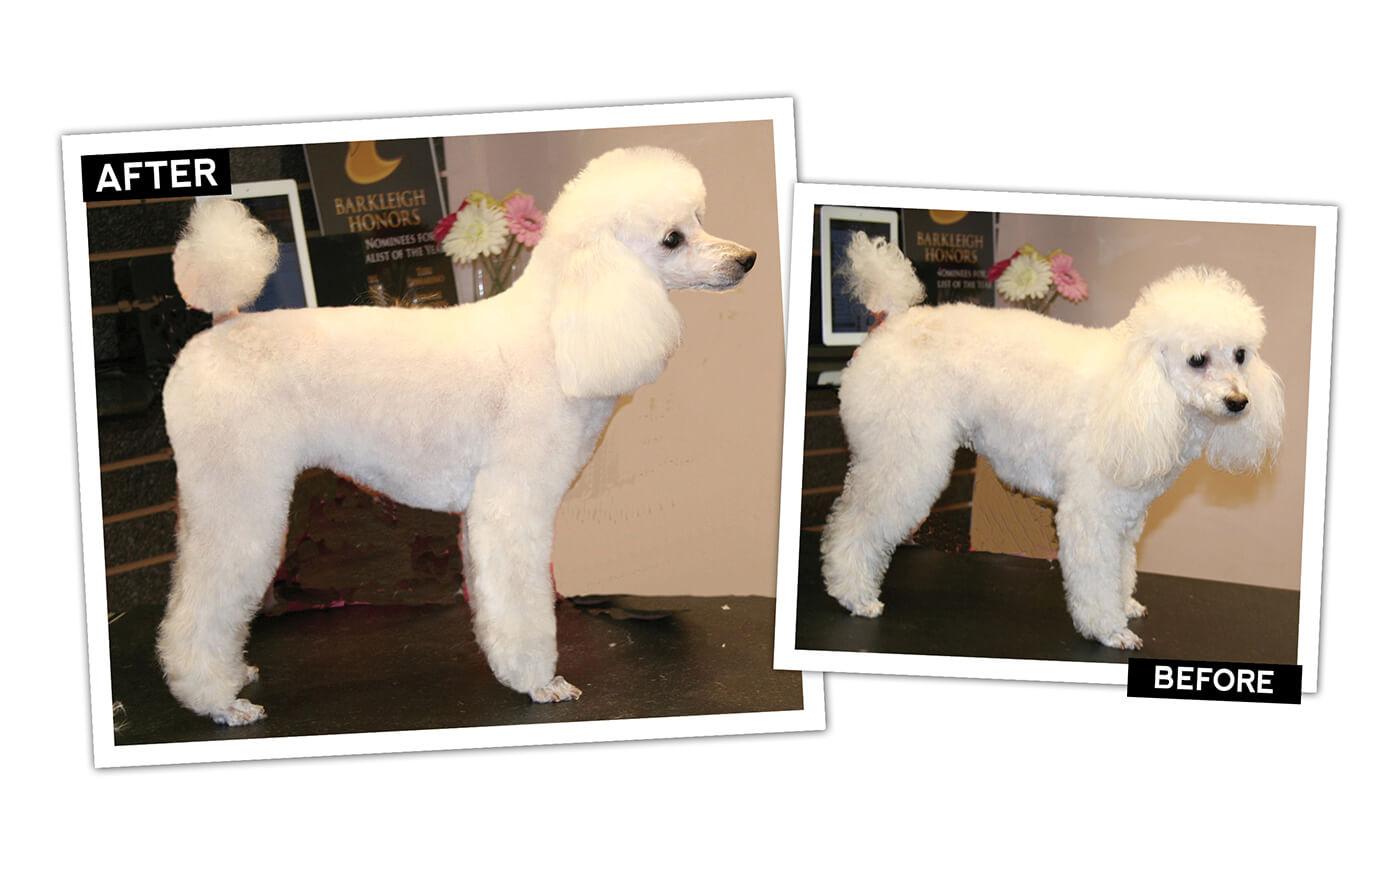 poodle   short lamb trim groomer  groomer pet grooming news stories  videosgroomer